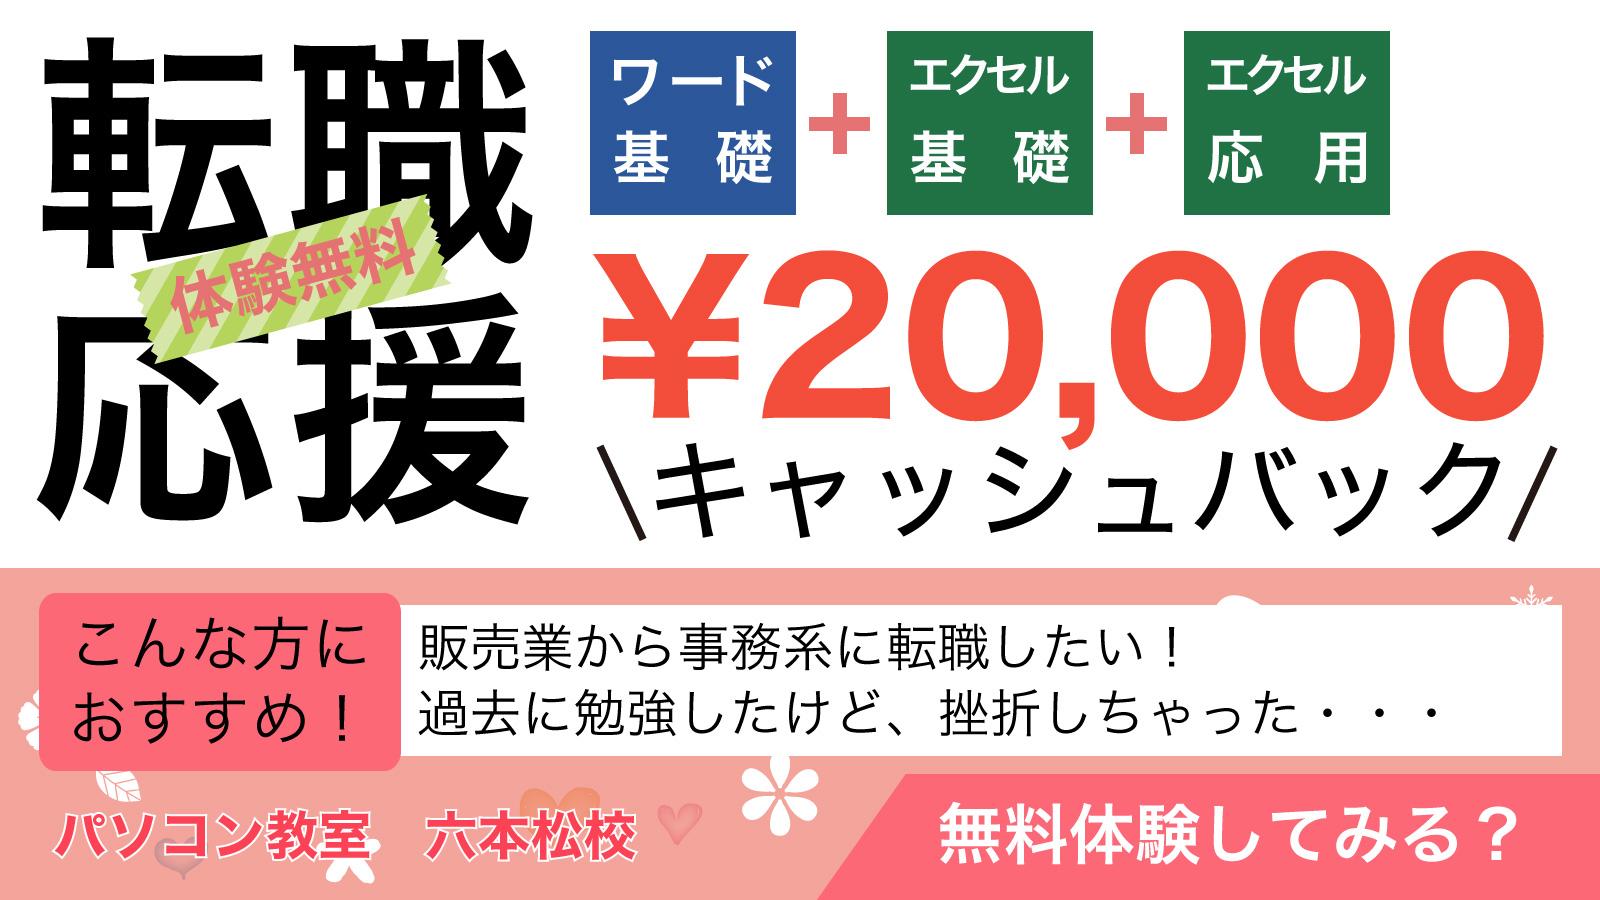 転職応援!20,000円キャッシュバック!